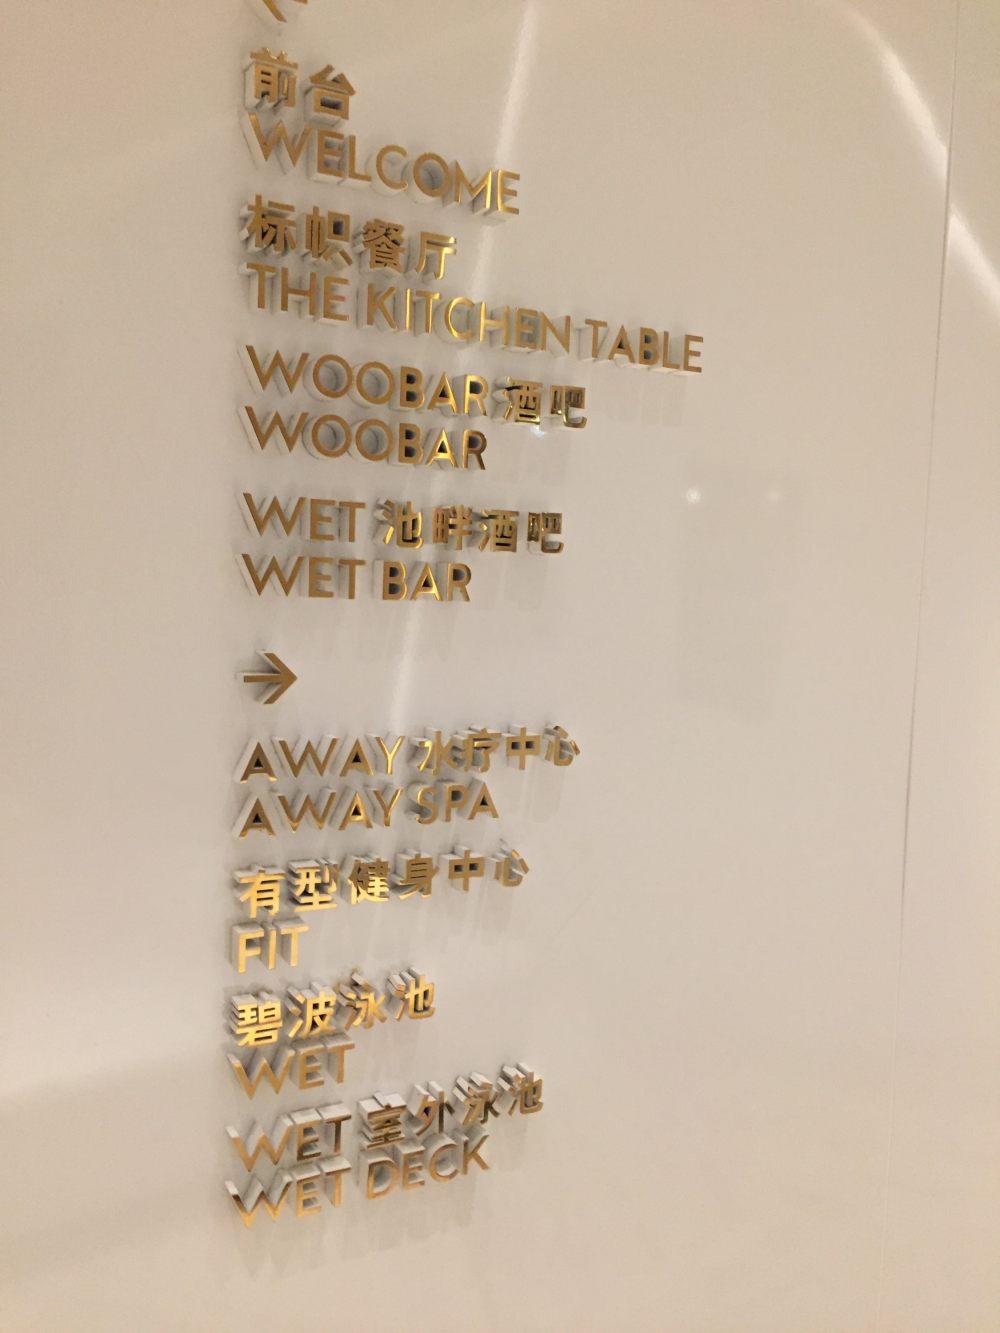 上海外滩W酒店,史上最全入住体验 自拍分享,申请置...._IMG_6201.JPG